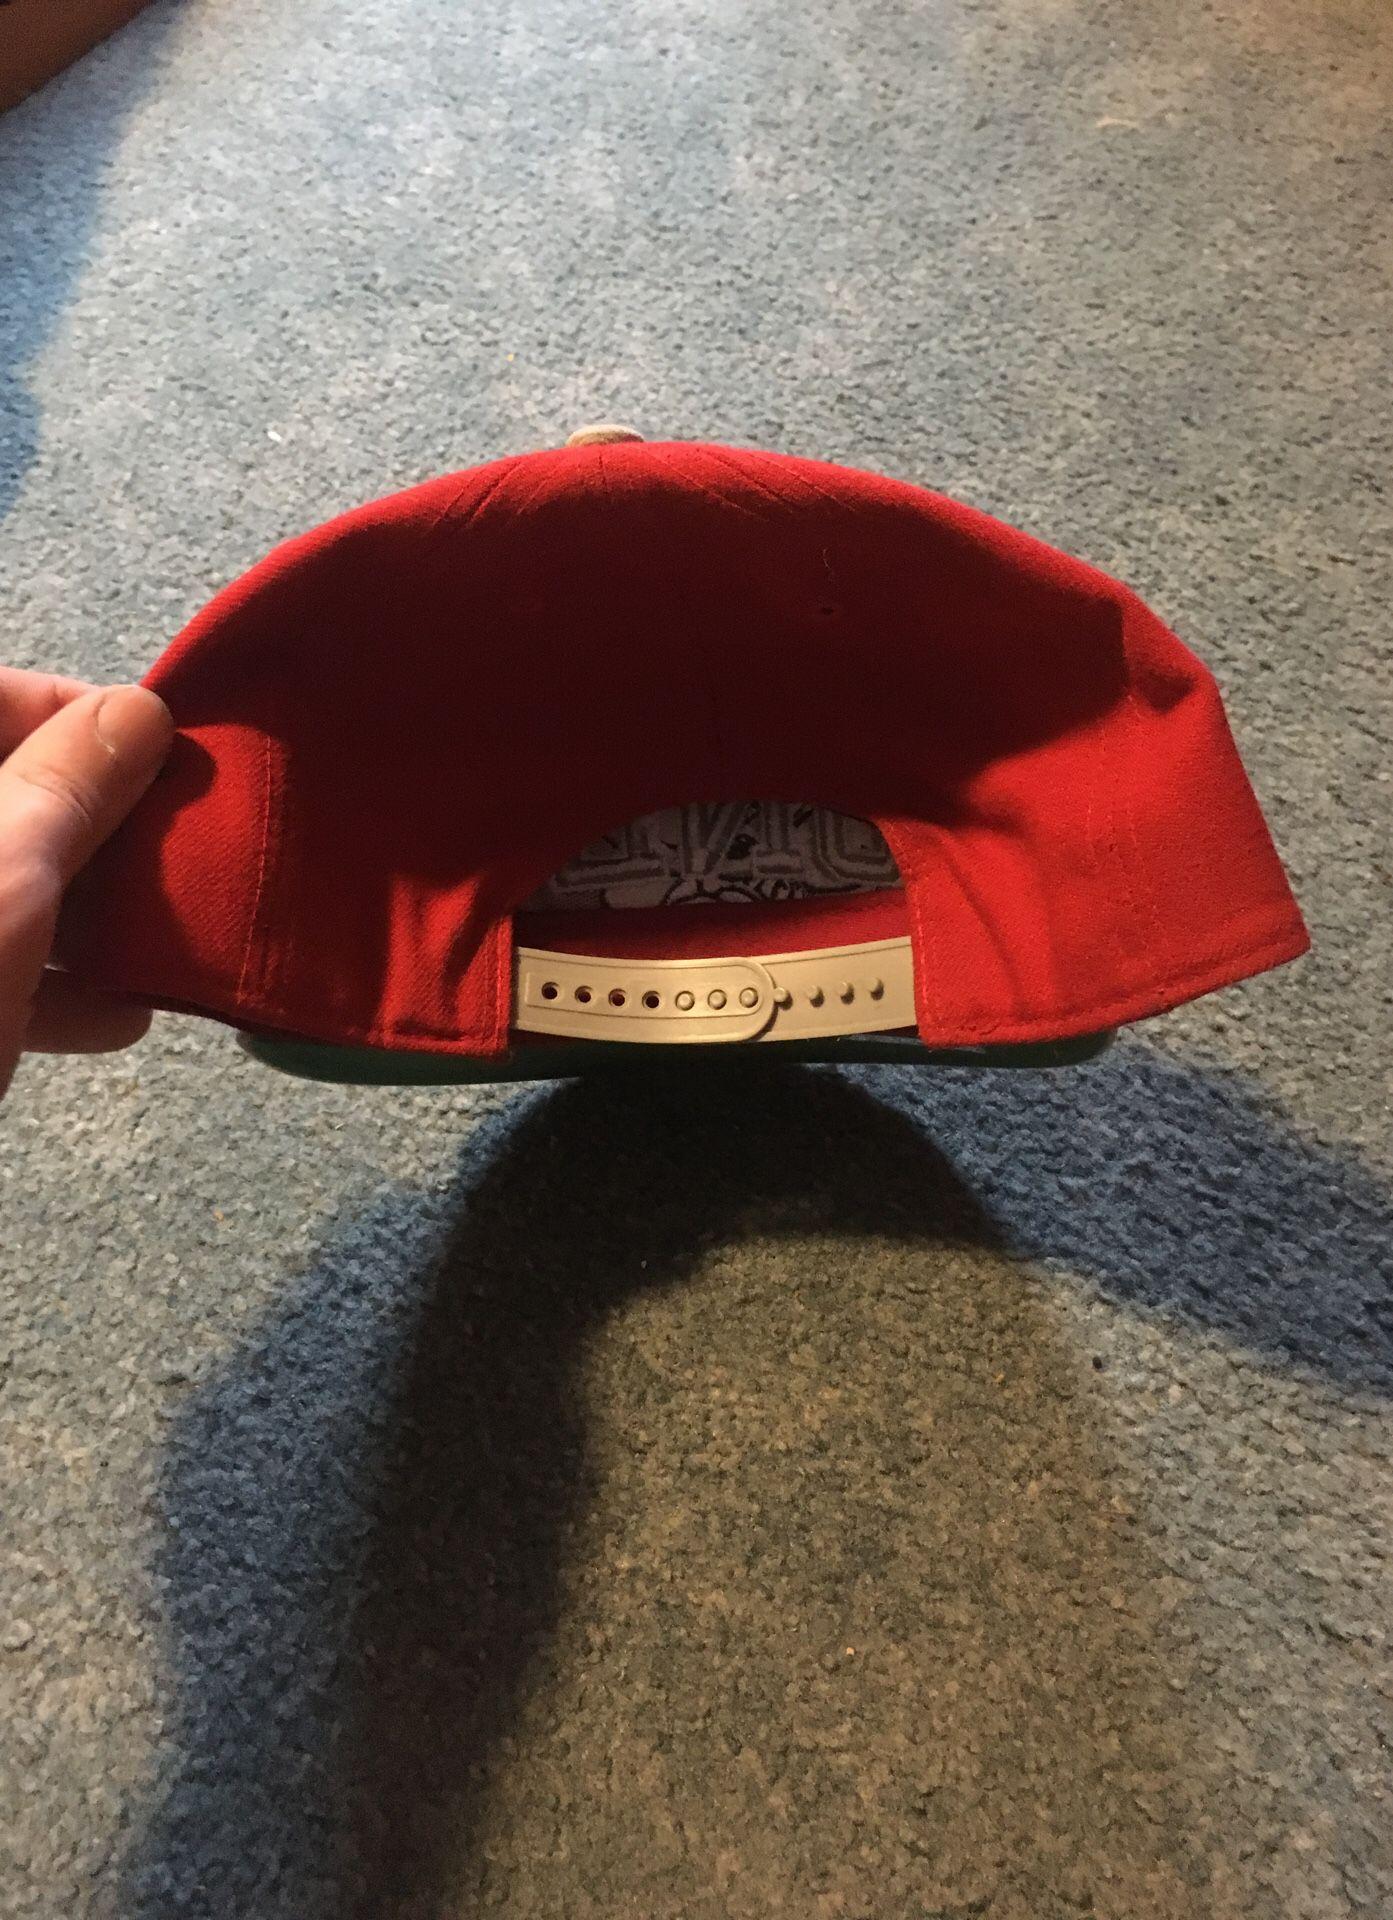 UNLV SnapBack Hat